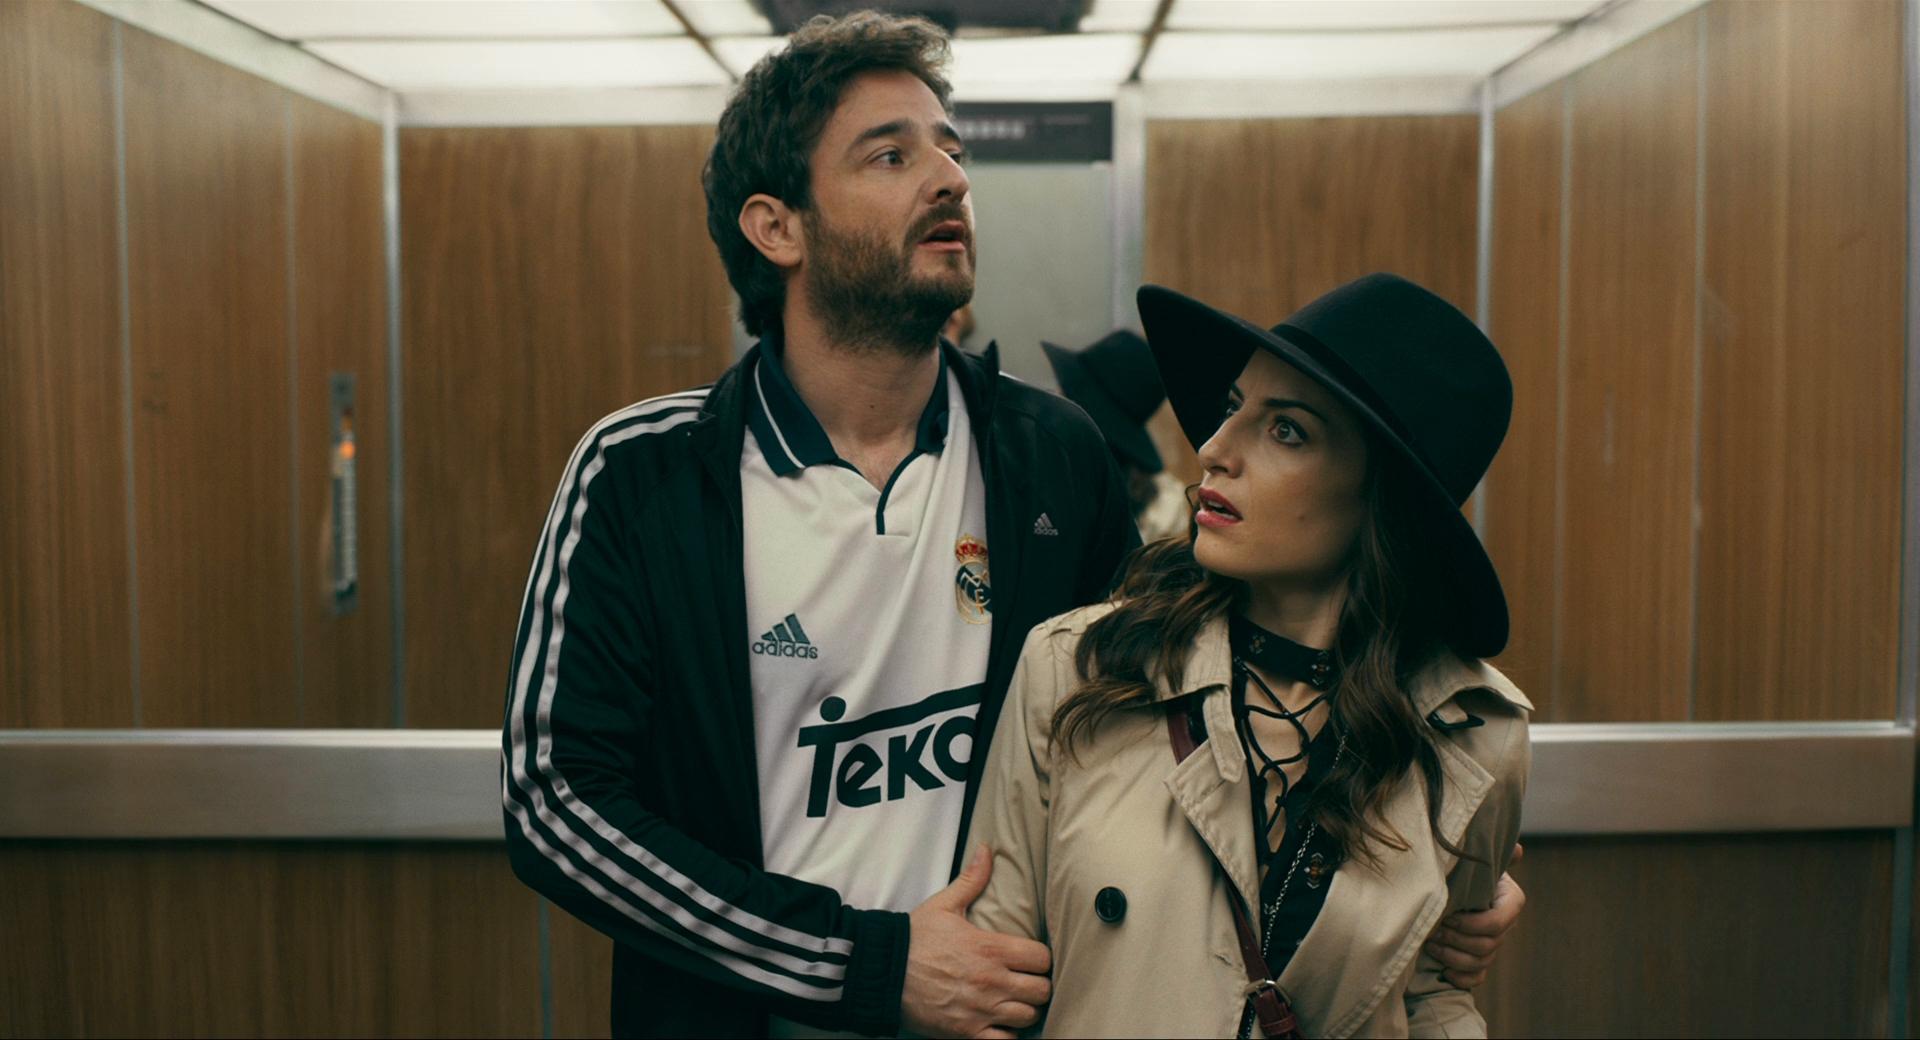 El Ascensor (2021) 1080p WEB-DL Latino